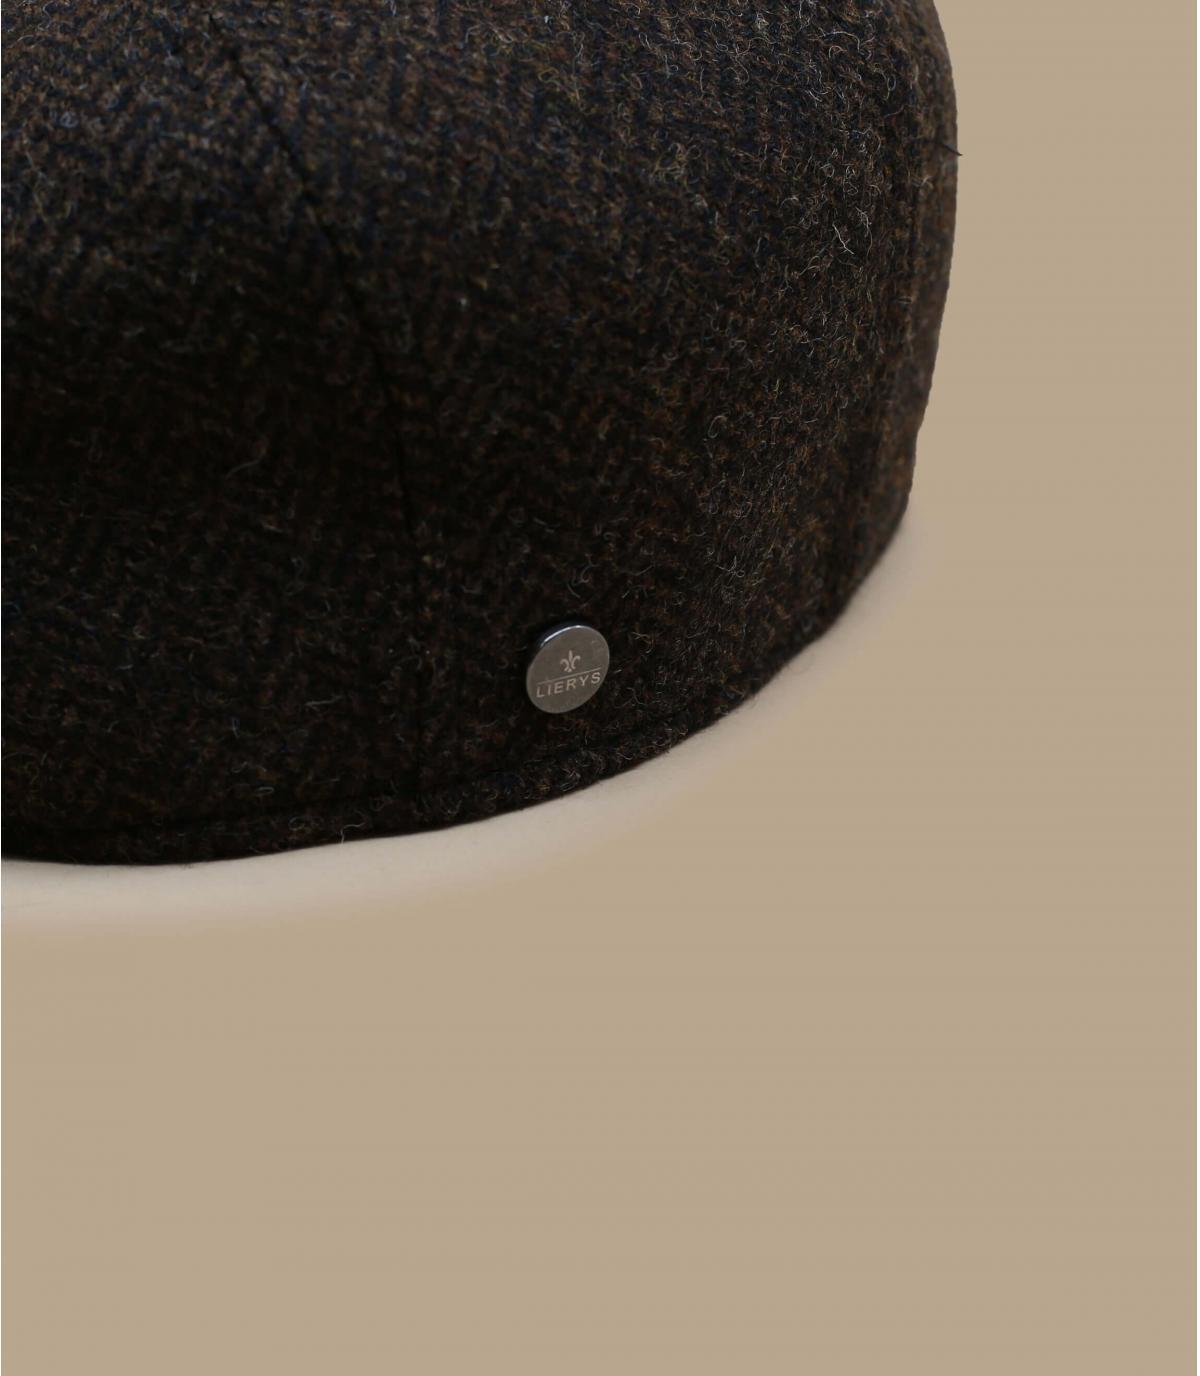 Détails Britton Wool Herringbone brown - image 2